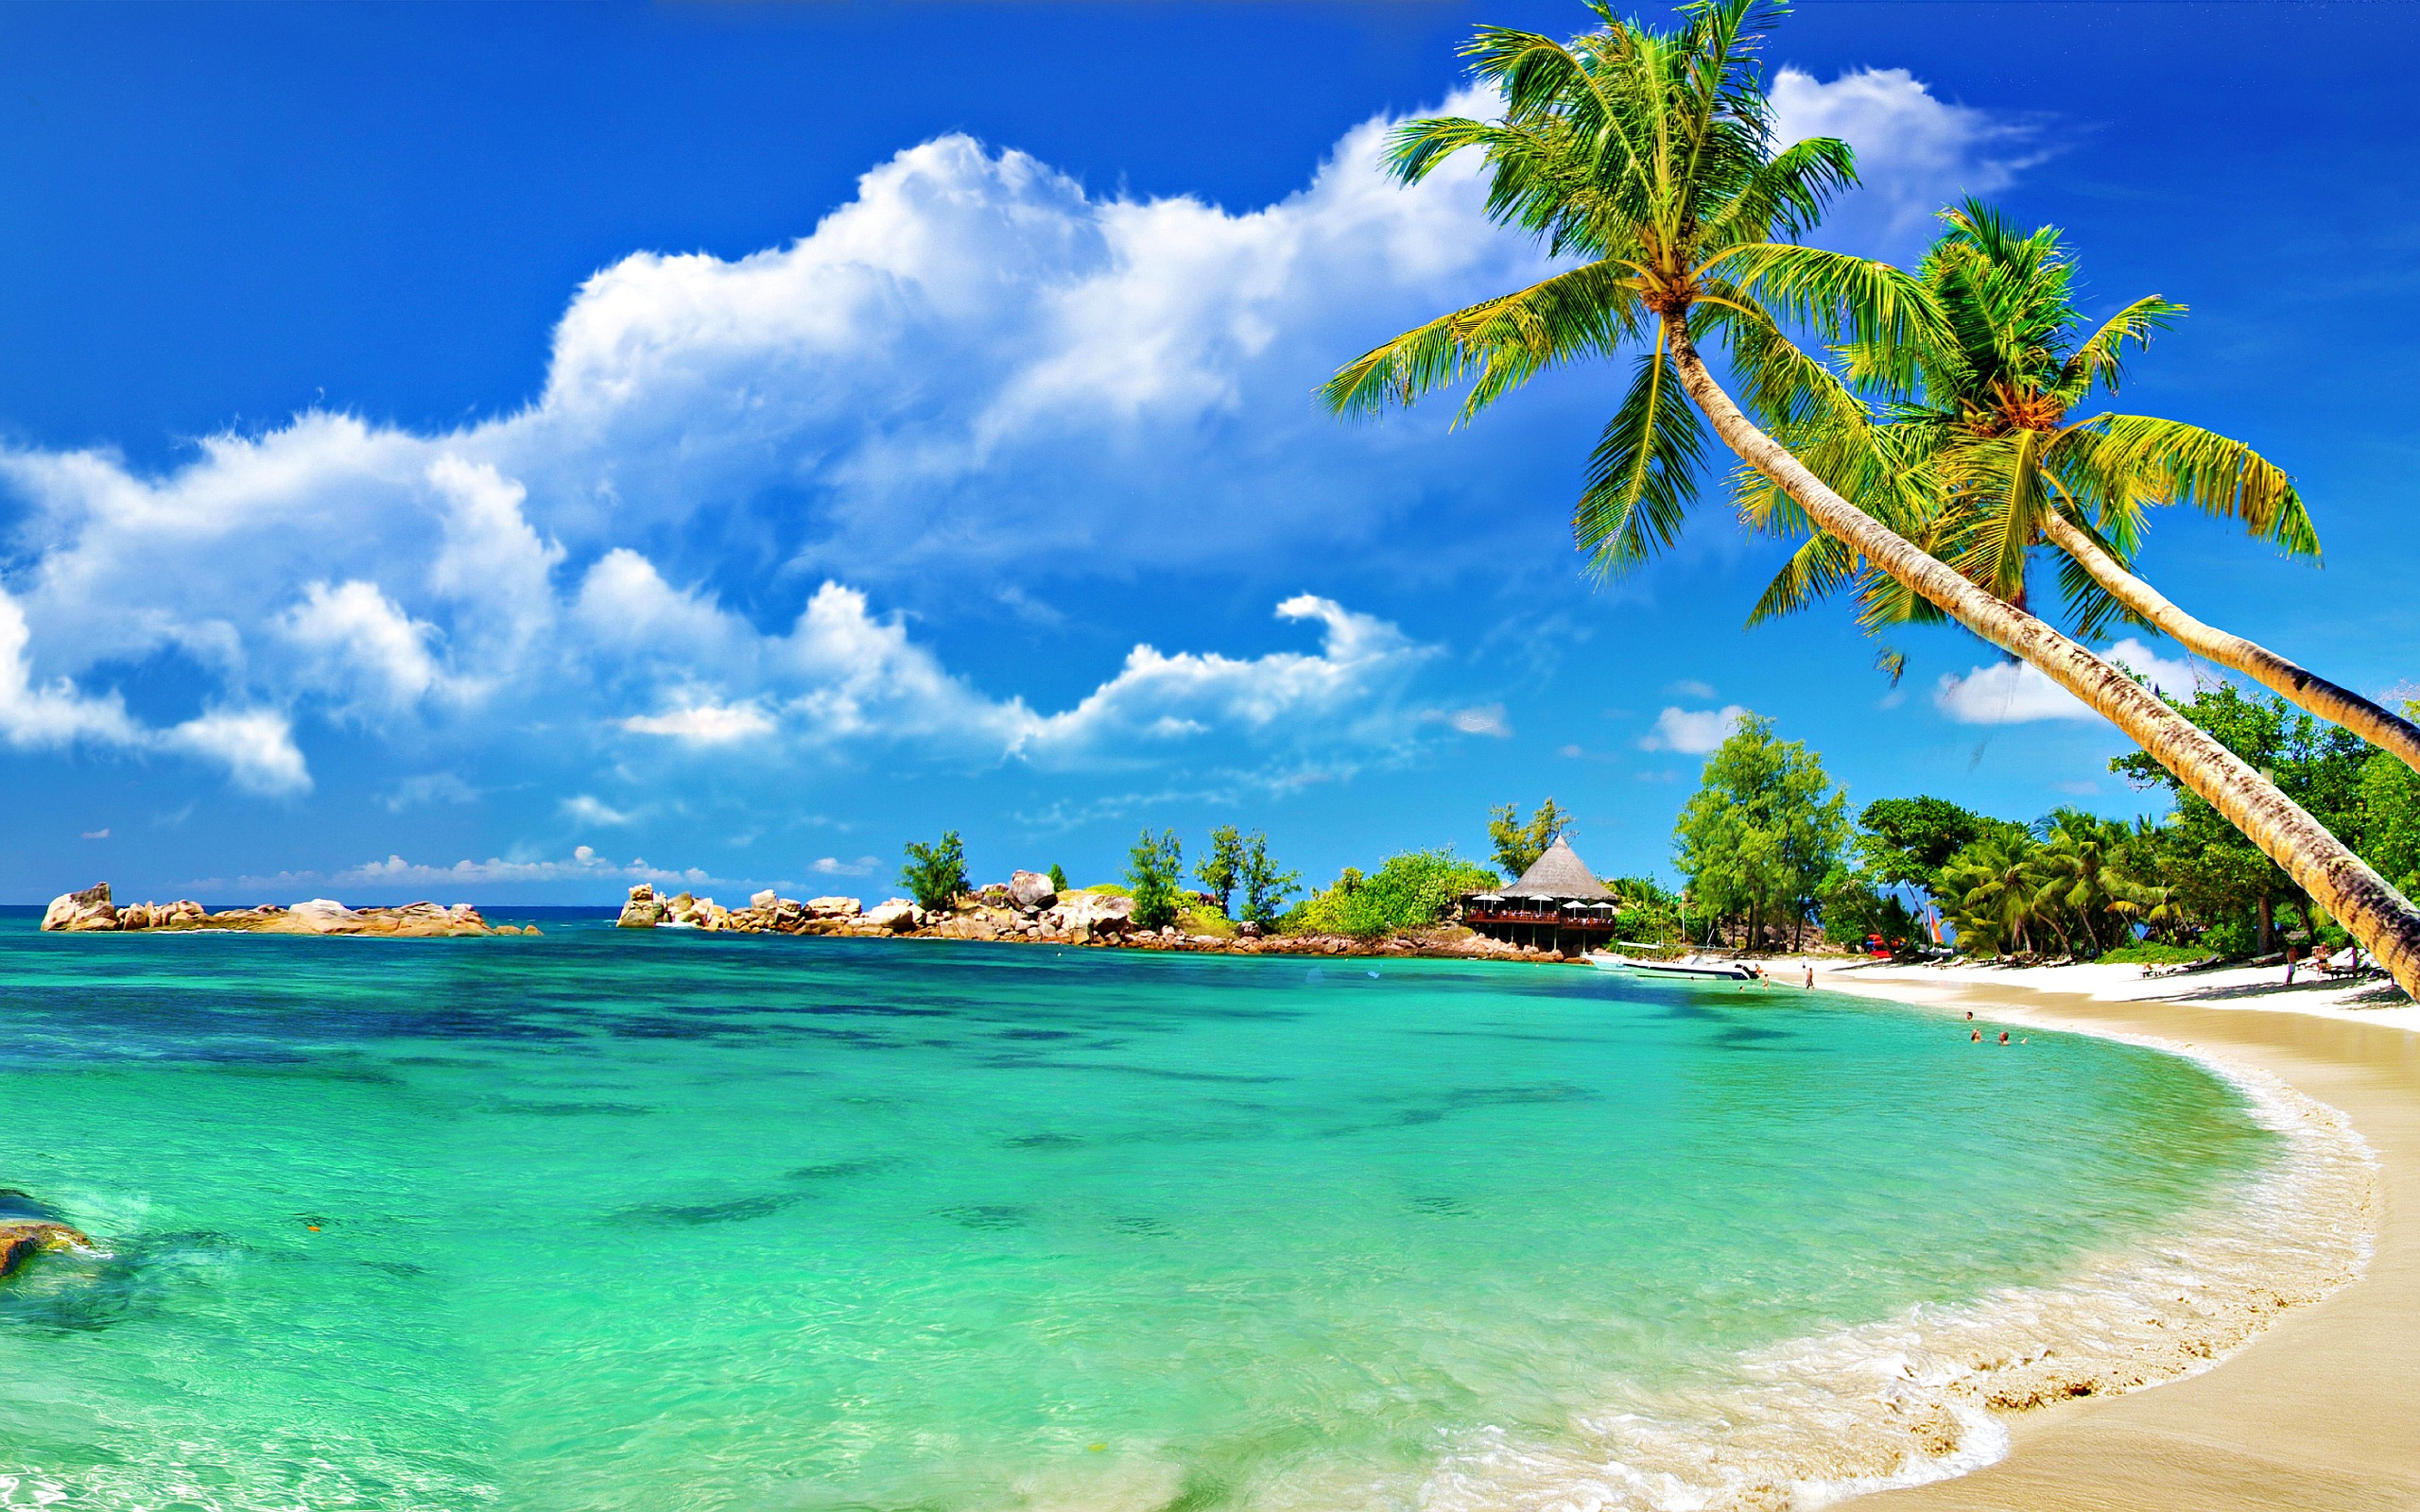 Beach Wallpaper Desktop Hd